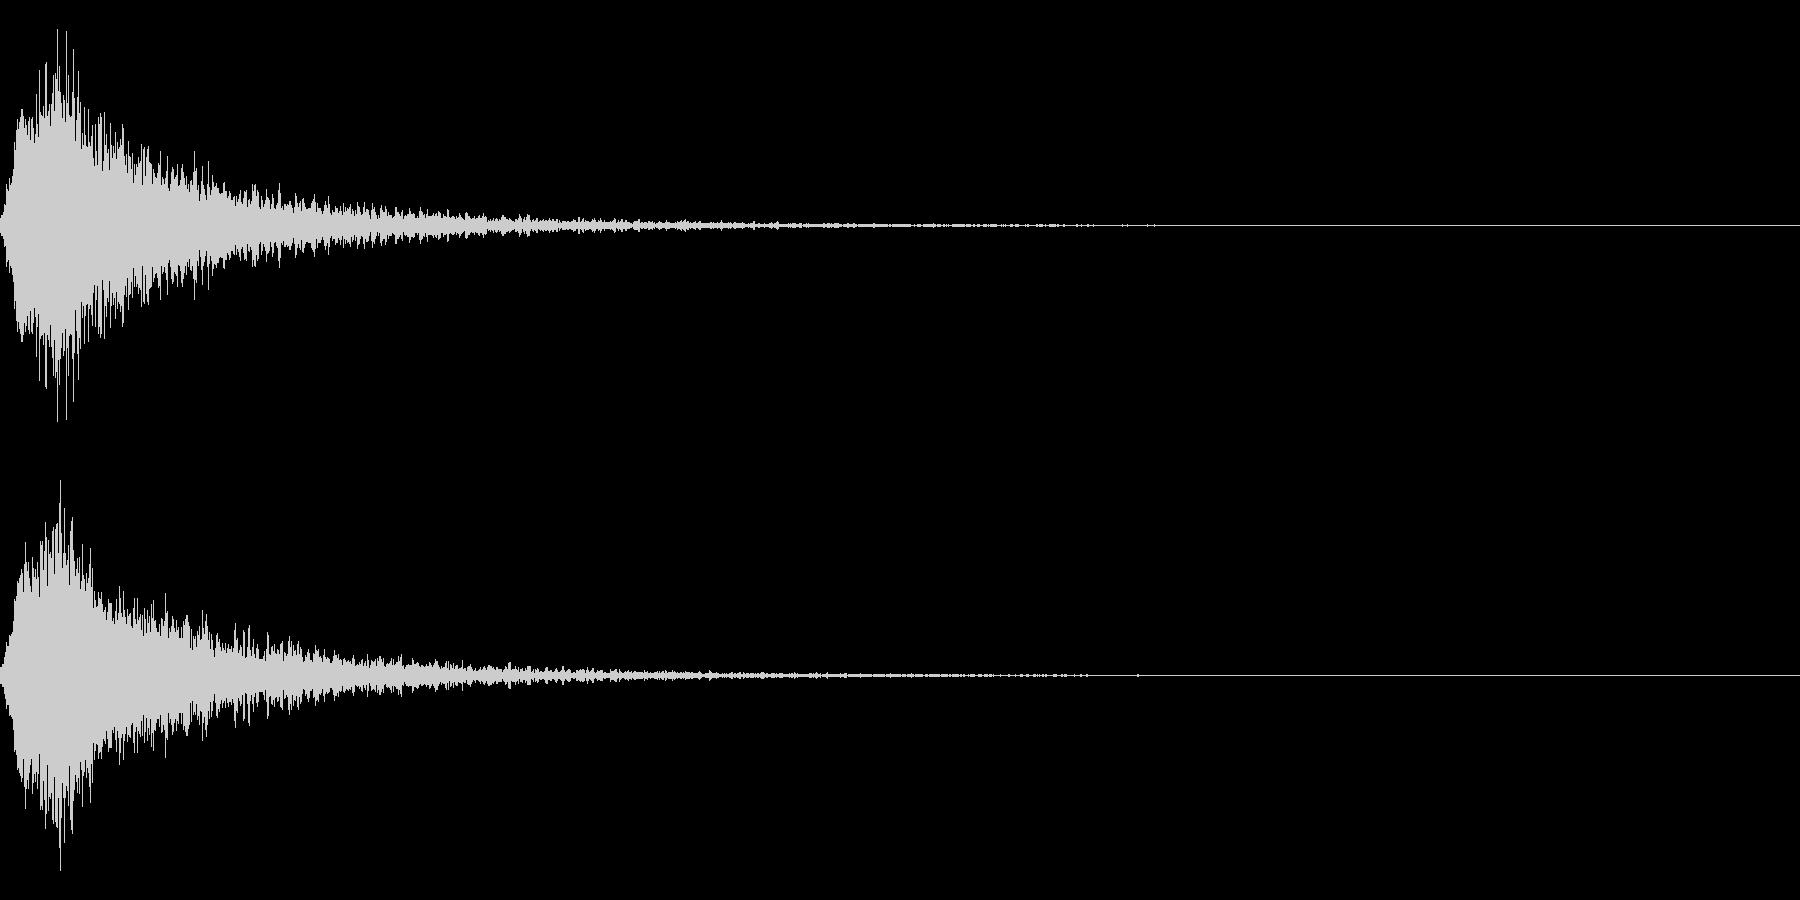 グシャ!リアルな刀や剣の斬撃音 05vUの未再生の波形